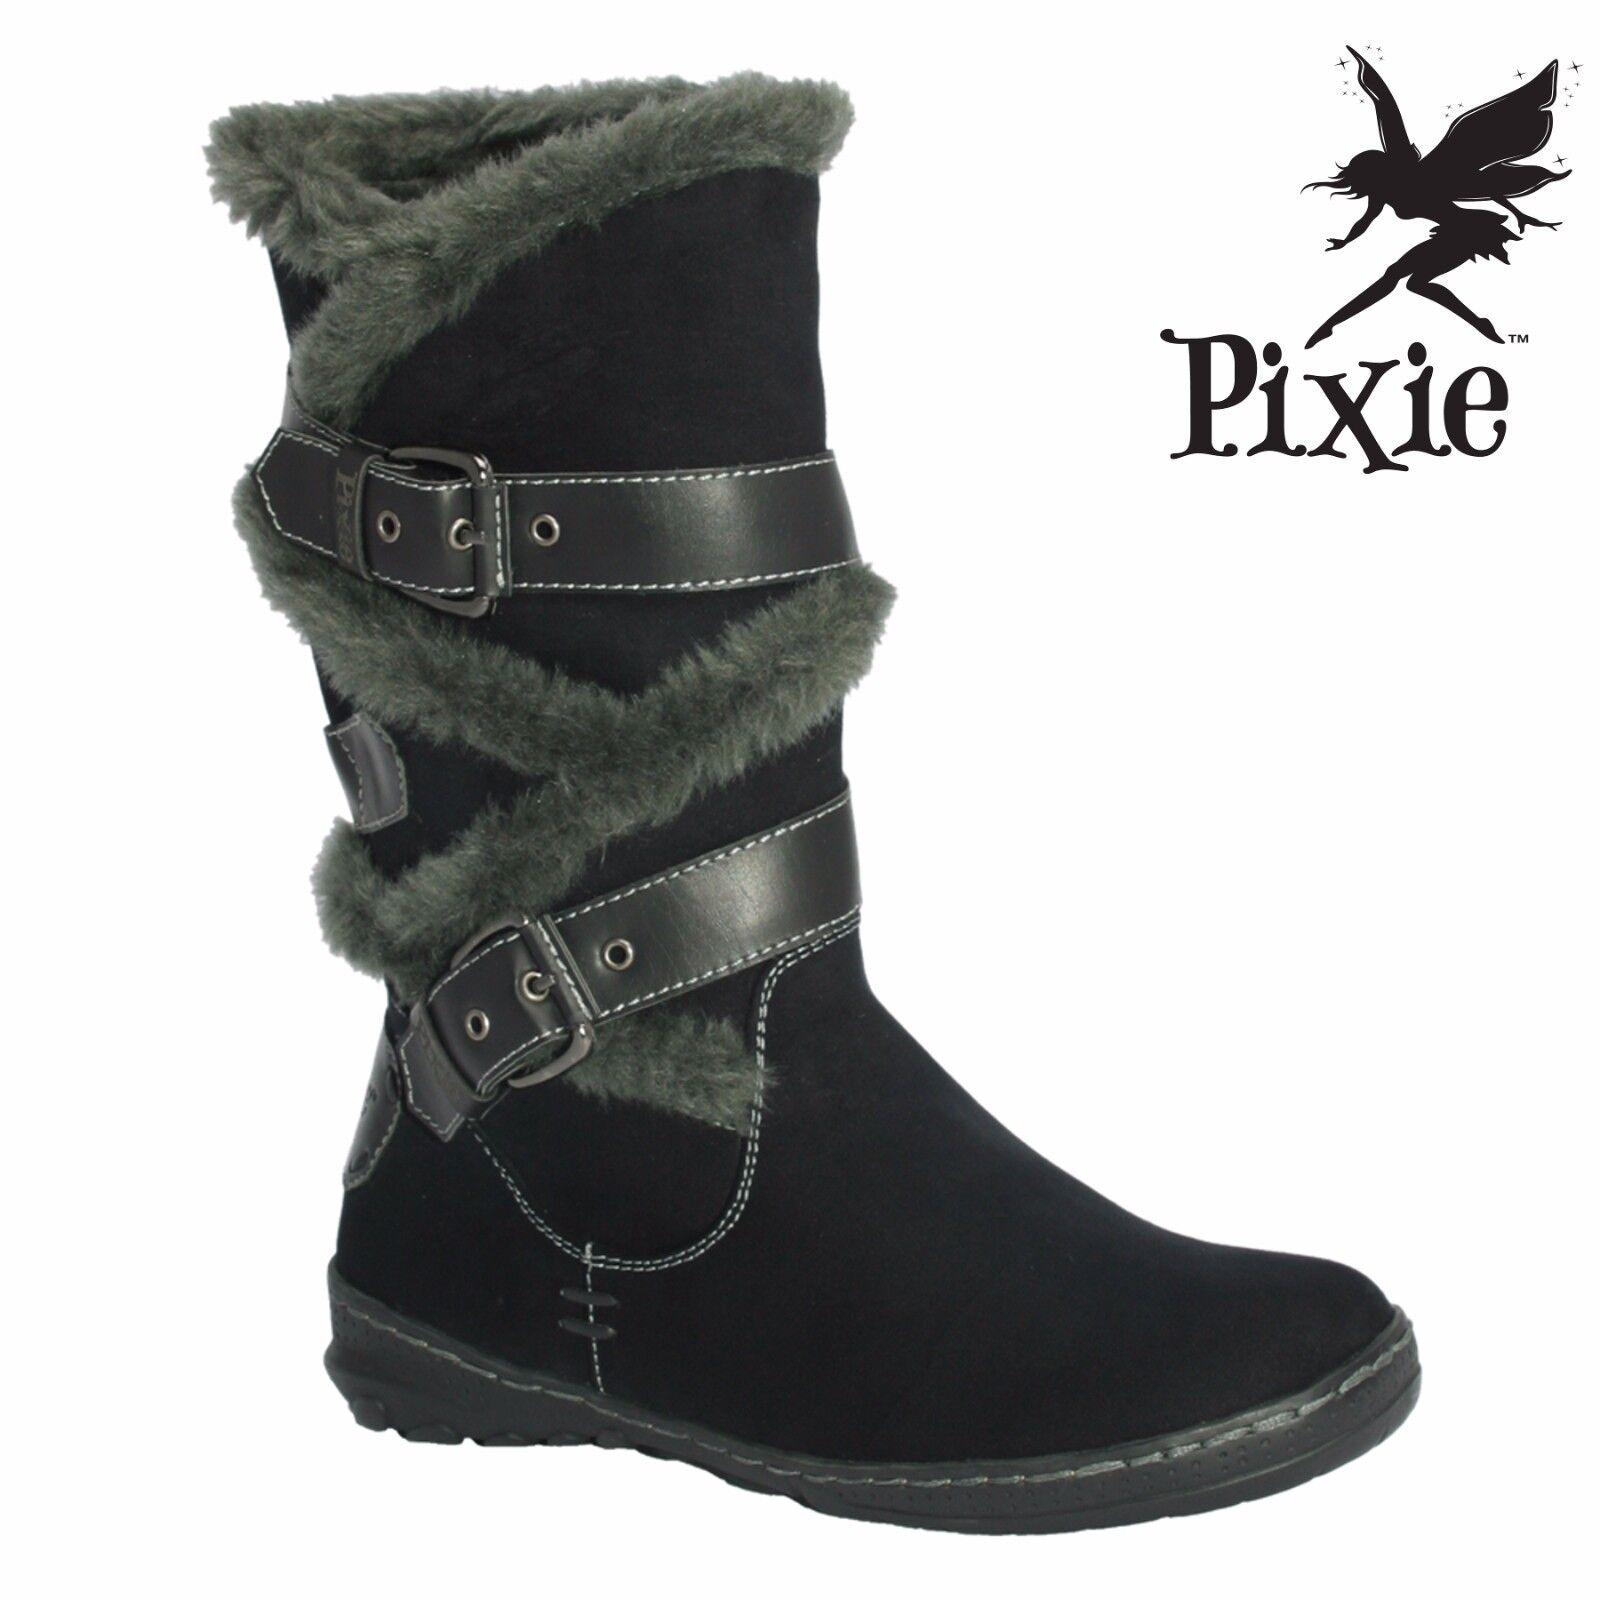 Pixie calzado Amy Damas Botas. UK Tamaños 3 - 8 Nuevo En Caja